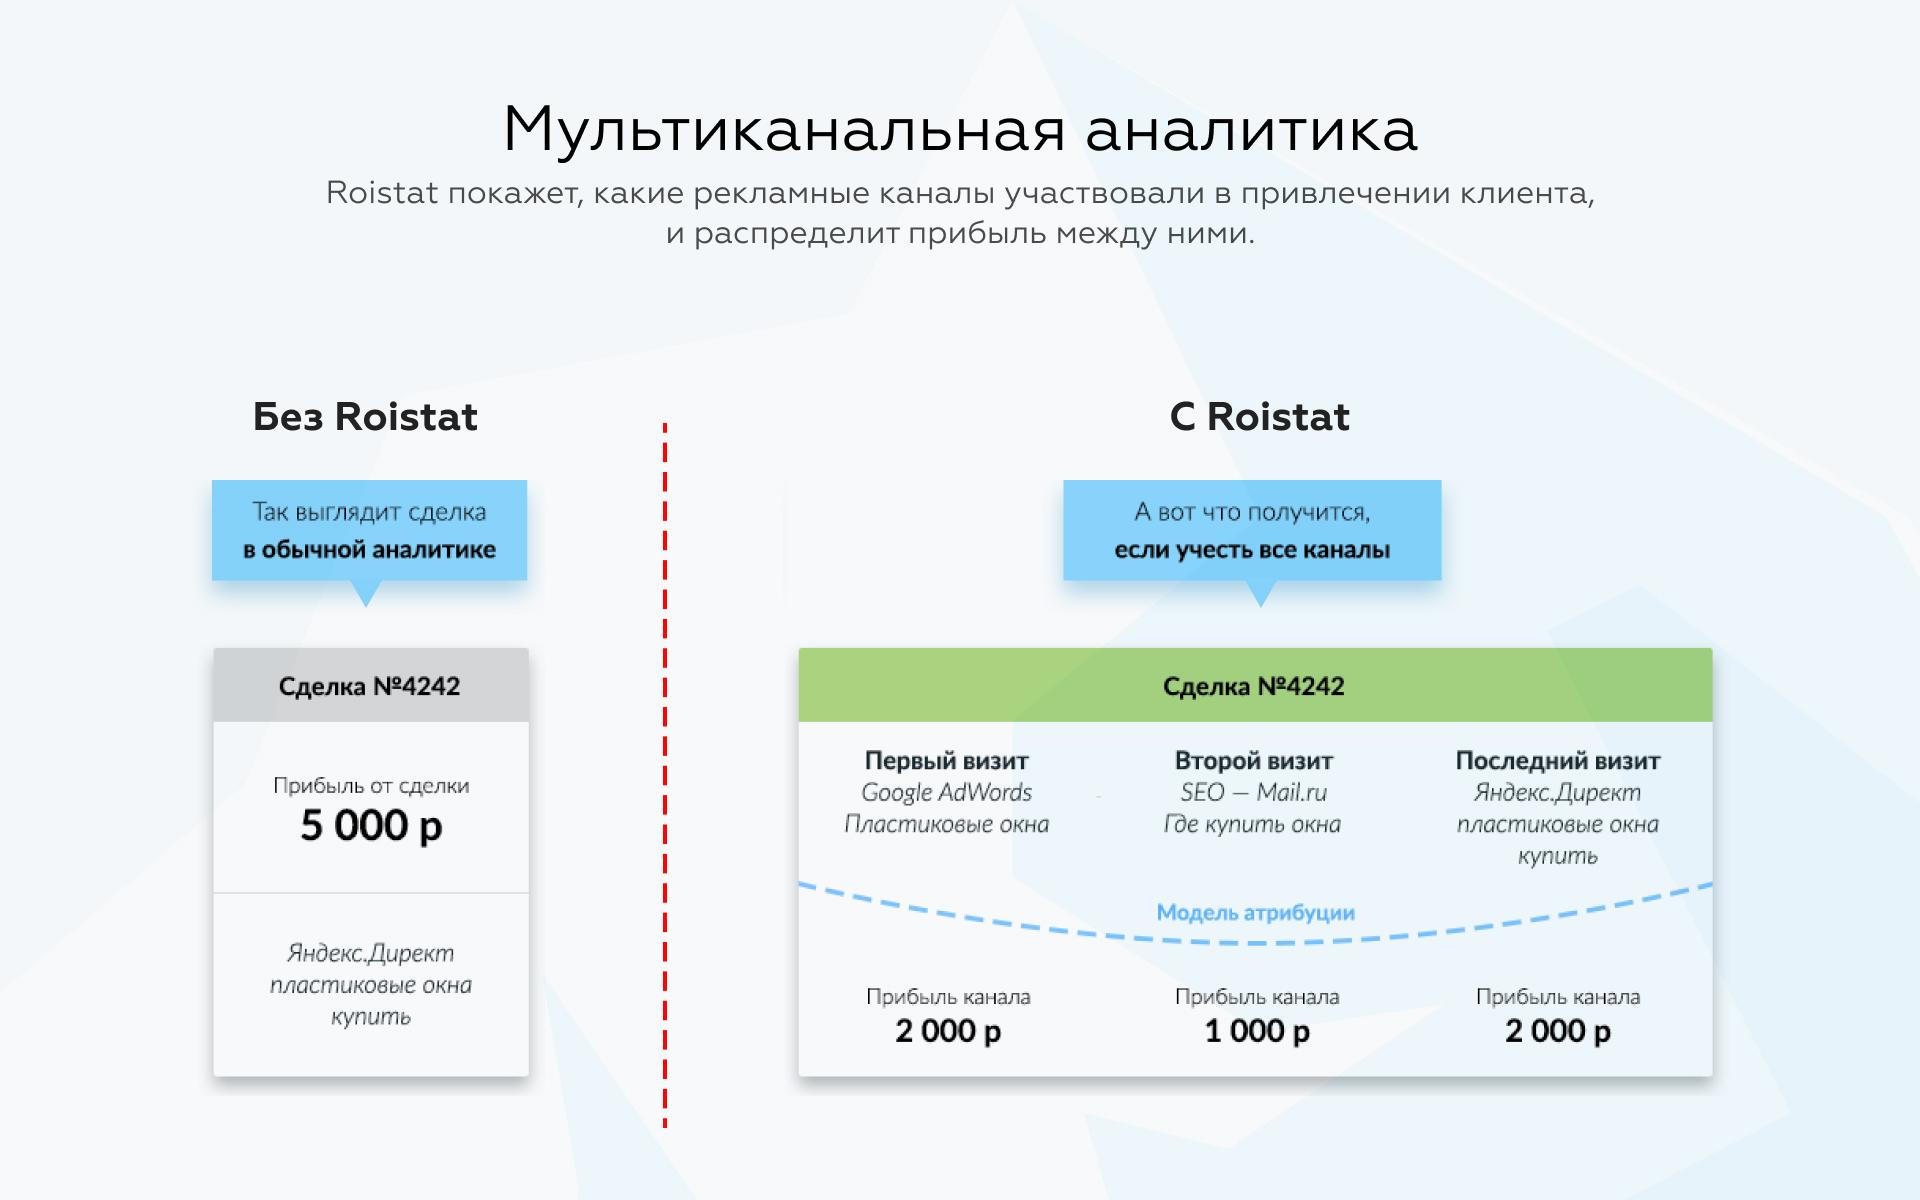 Roistat покажет, какие рекламные каналы участвовали в привлечении клиента, и распределит прибыль между ними.